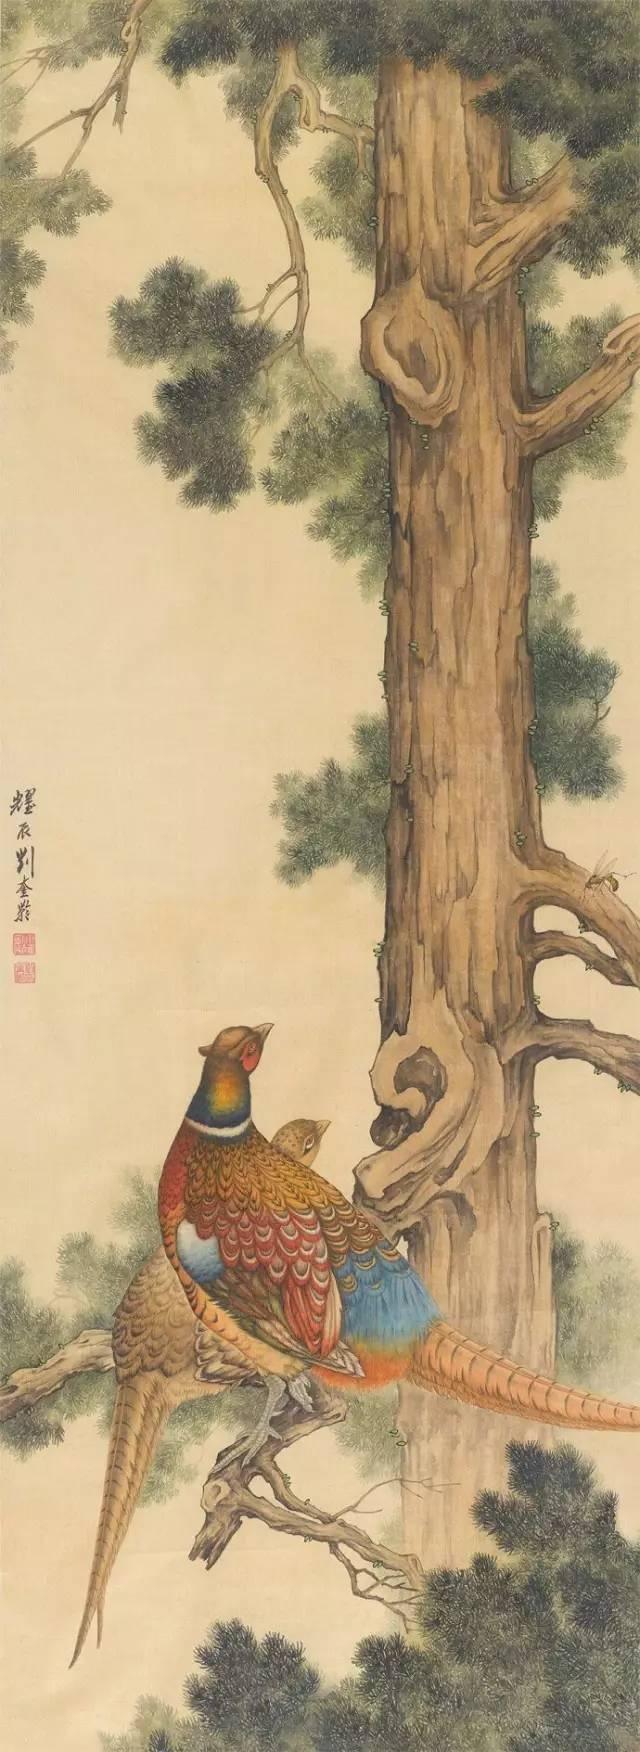 一代宗師劉奎齡工筆畫欣賞。百幅高清。視覺盛宴!-趣讀